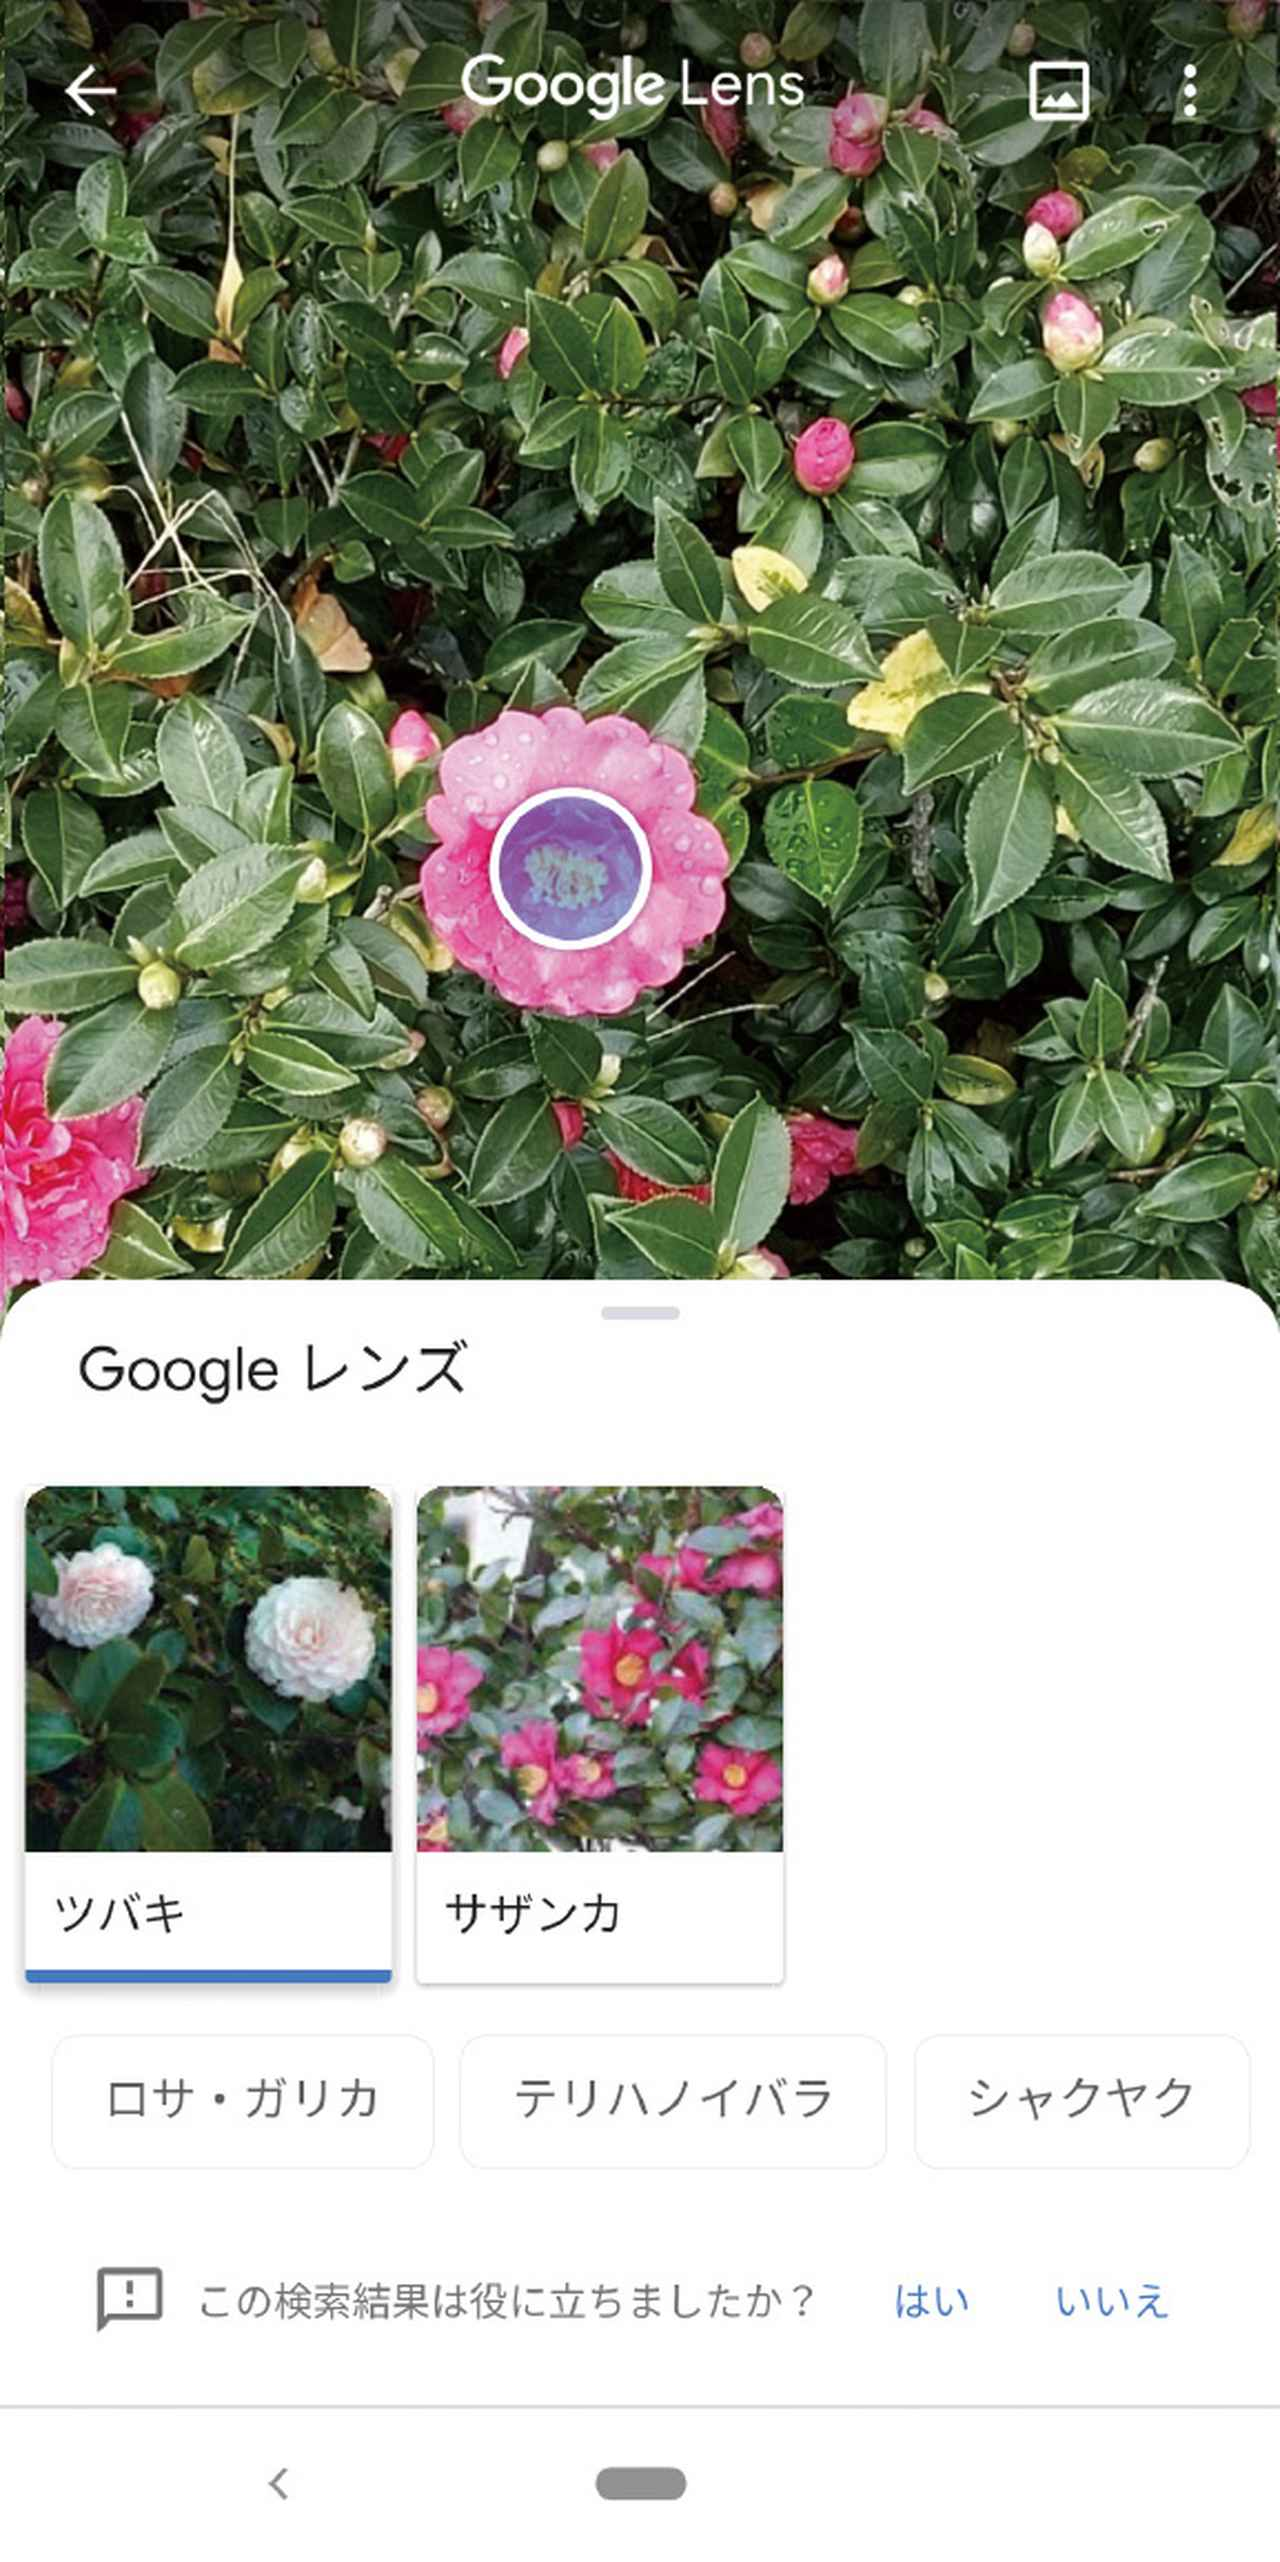 画像: 「Googleレンズ」機能により、カメラに写った物が何かを検索できる。外国語のメニューを翻訳することも可能。